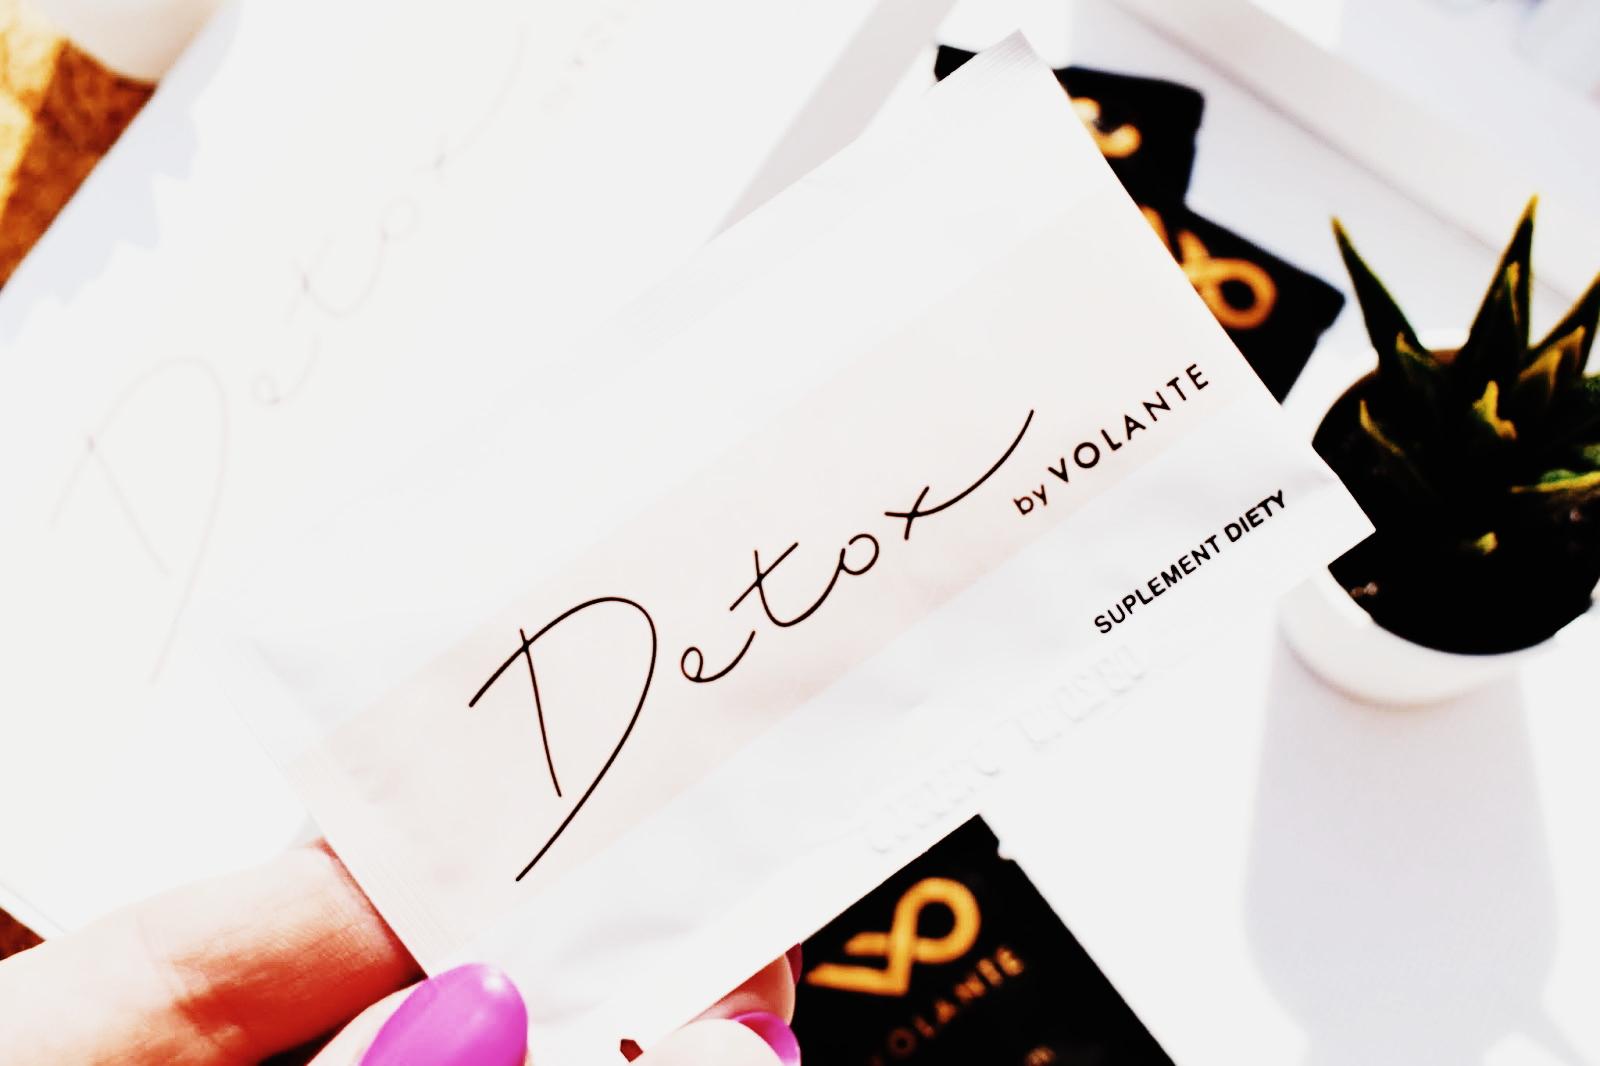 Oczyszczenie organizmu z Detox by Volante